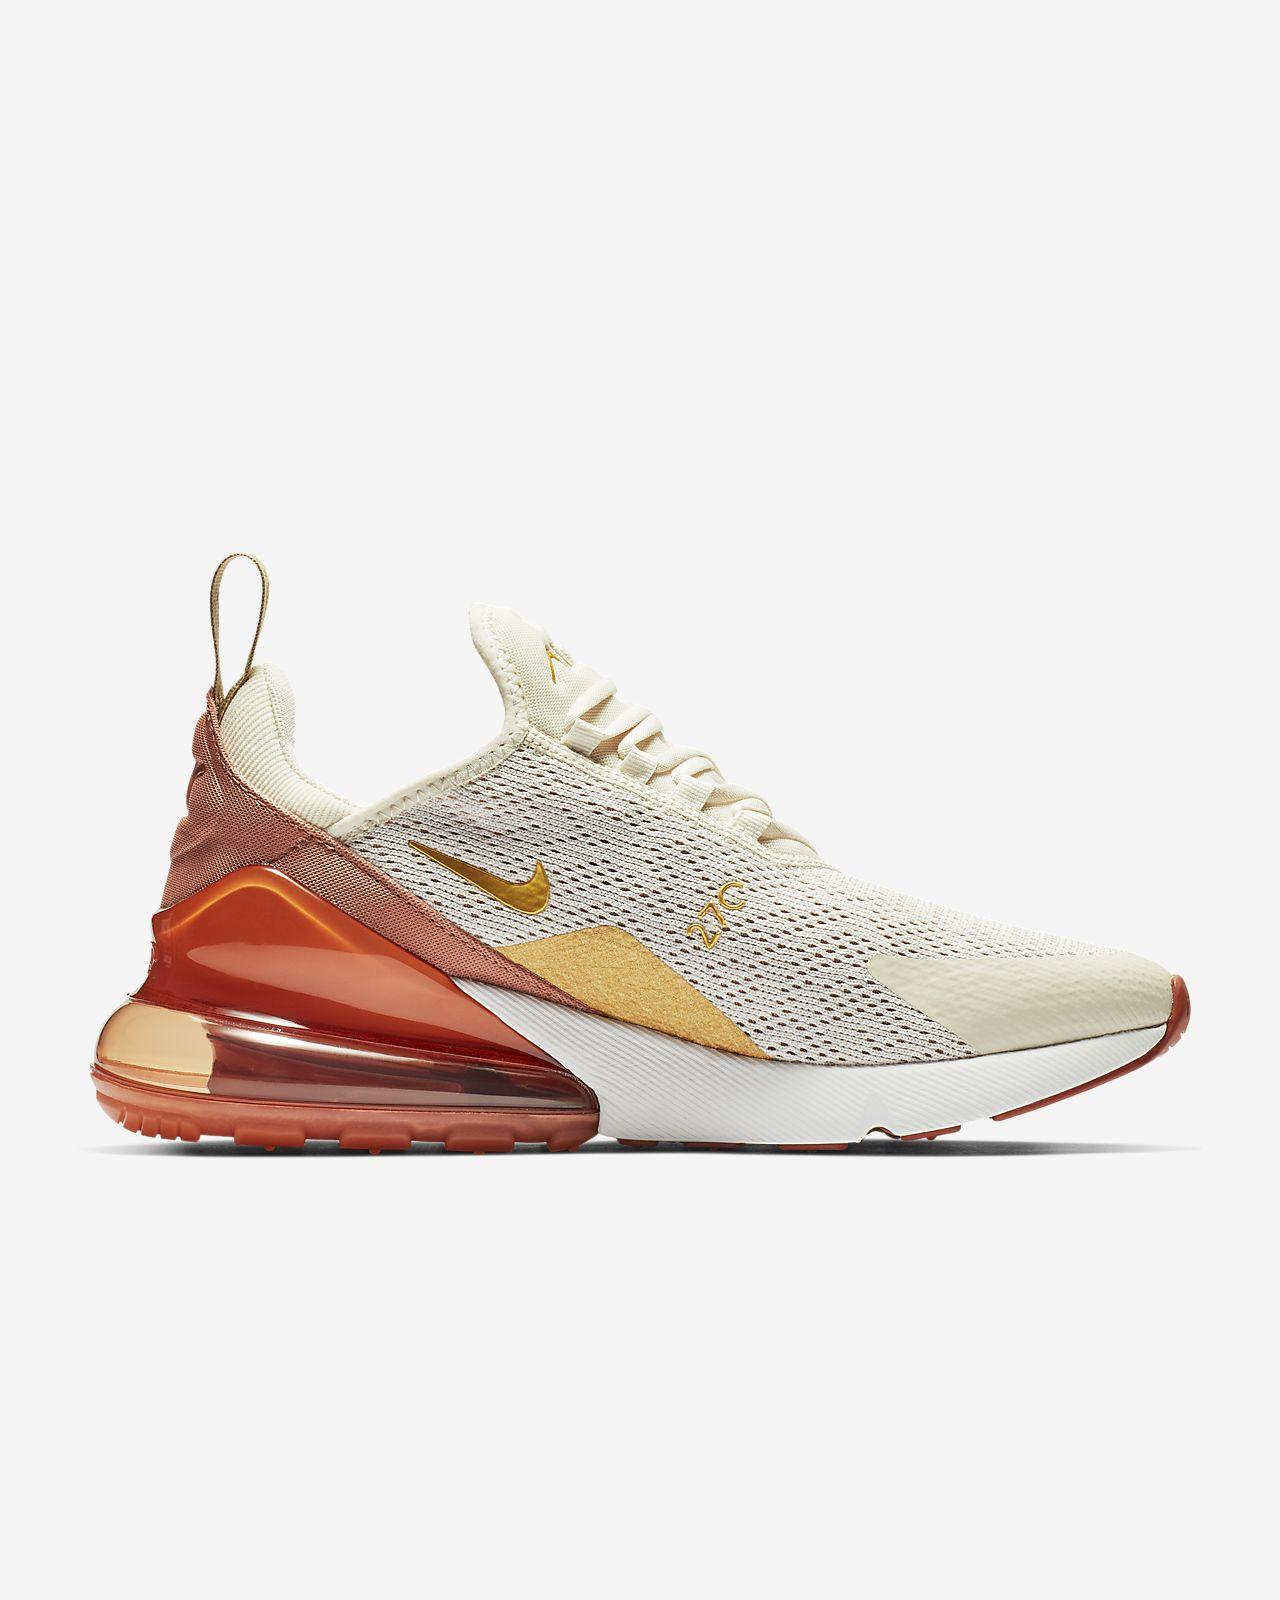 198b85145427 Chaussure Nike Air Max 270 pour Femme. Nike.com FR